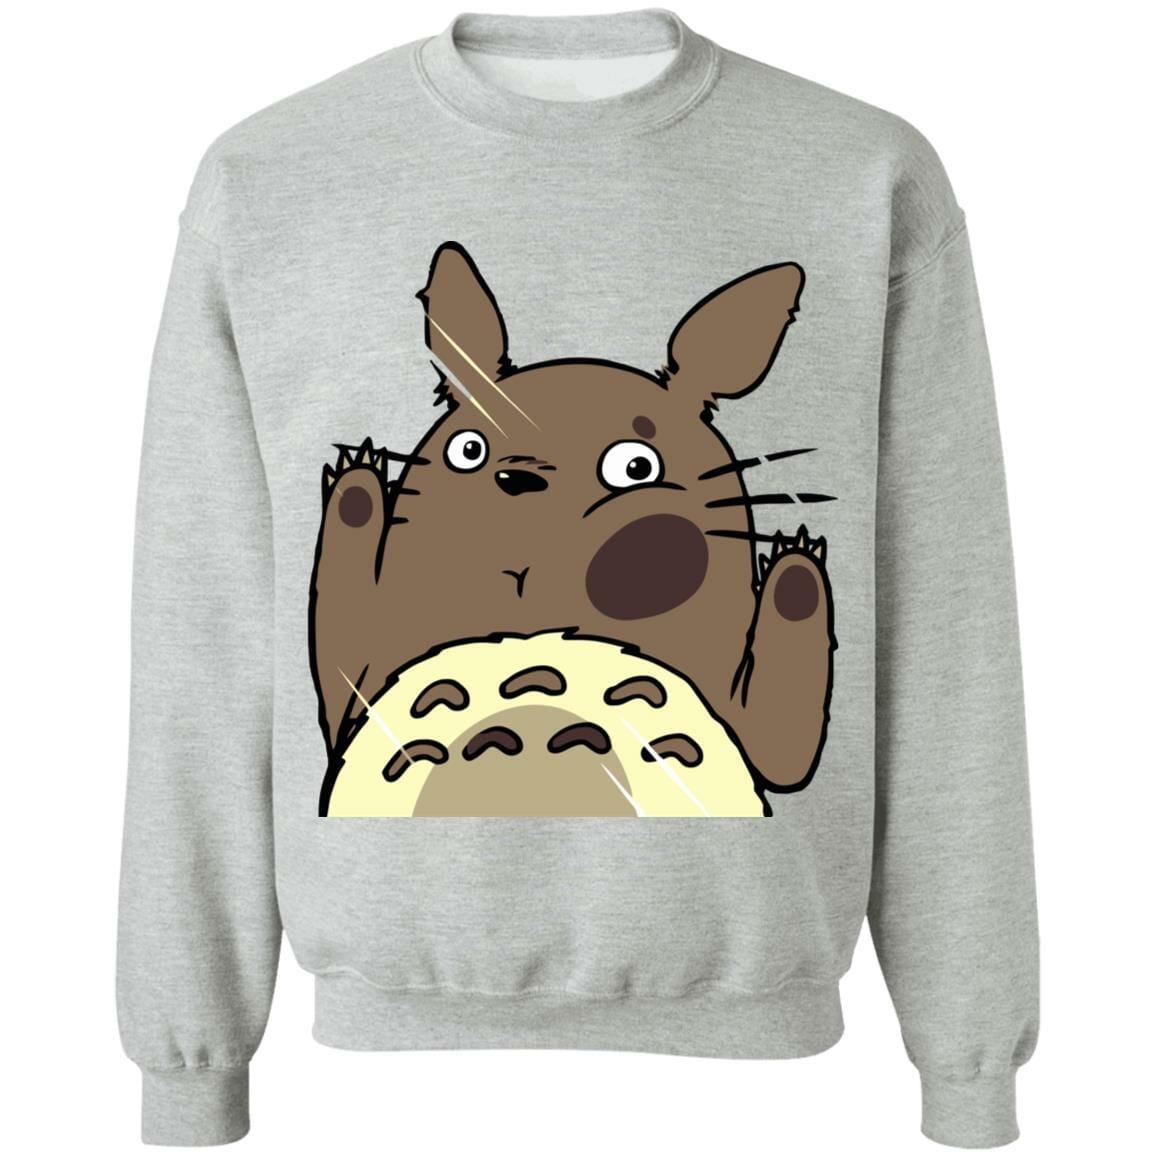 My Neighbor Totoro – Trapped Totoro Sweatshirt